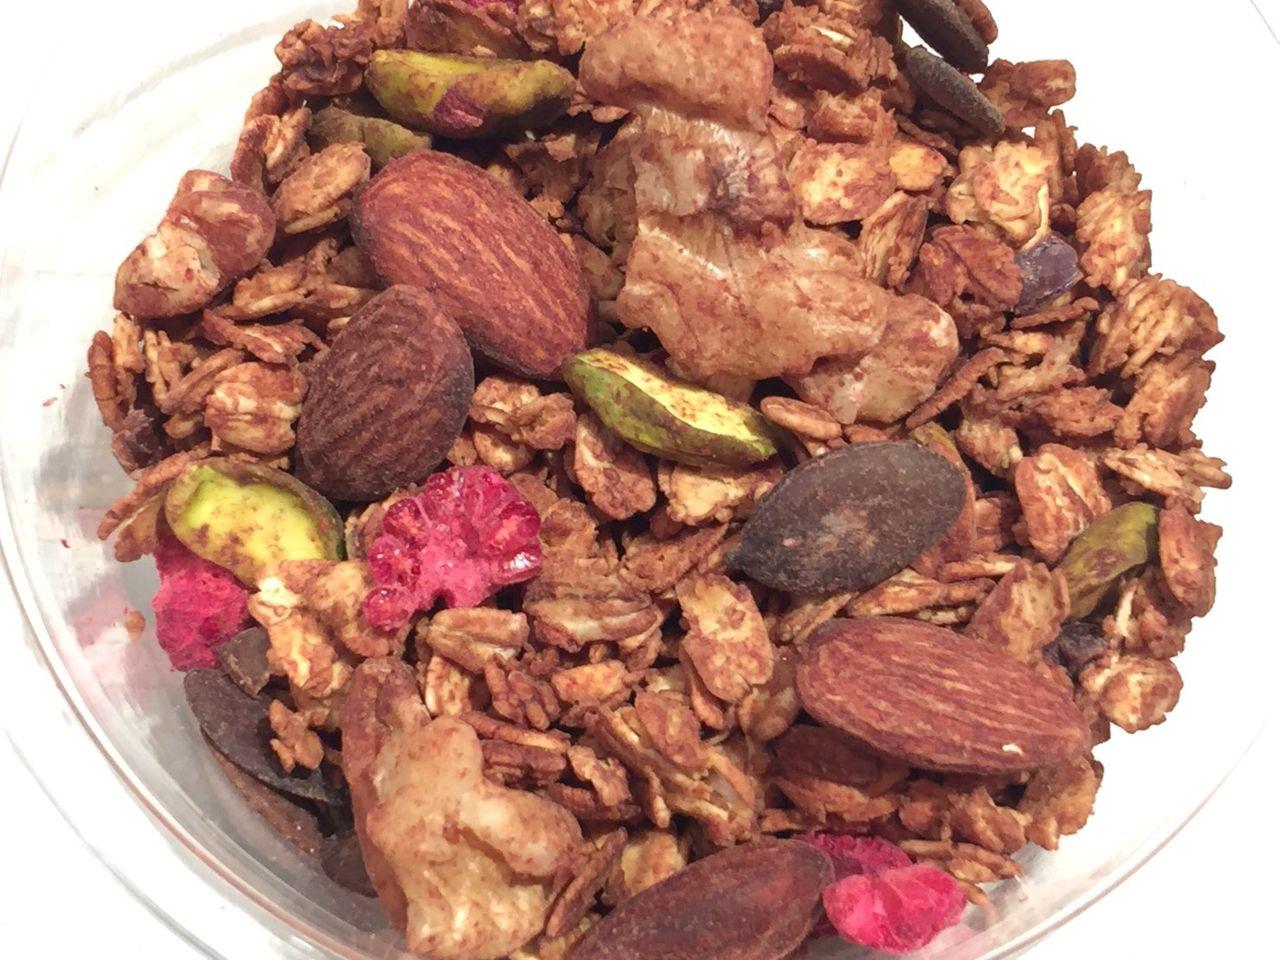 限定 ヘルシーカカオ グラノーラ * Healthy Cacao Granola  470g